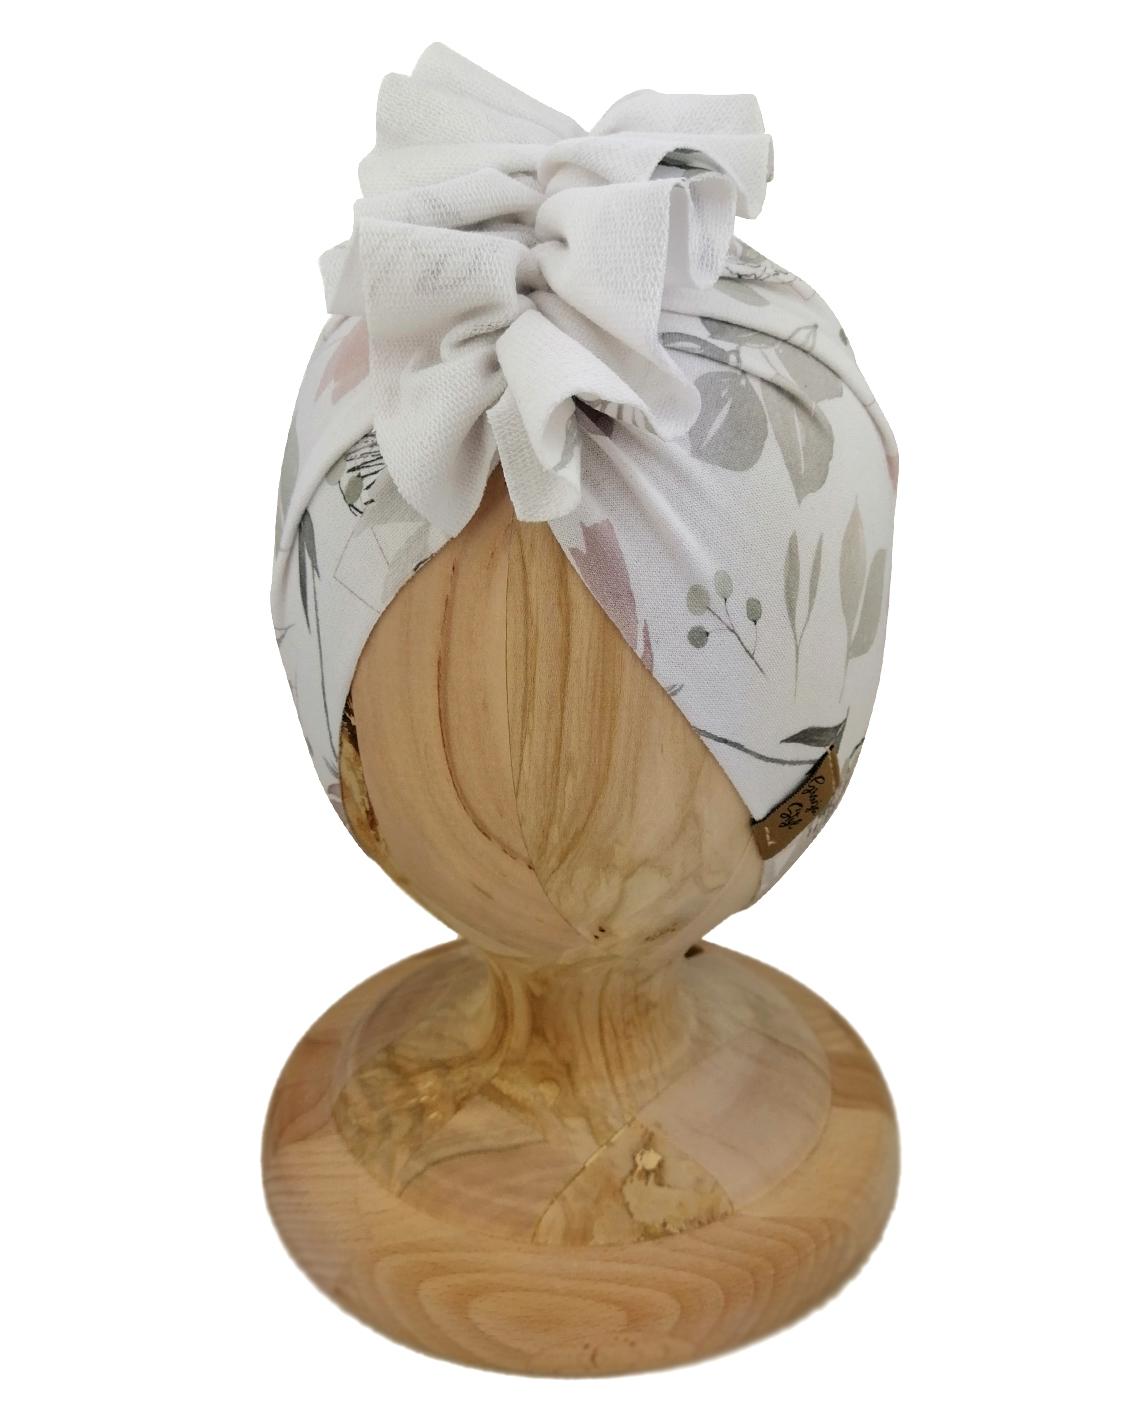 Czapka turban dziecięca marki Gracja styl. Wzór Bloomflowers przedstawiający motyw kwiatowy w odcieniu szarości. Produkt polski wykonany z dresówki